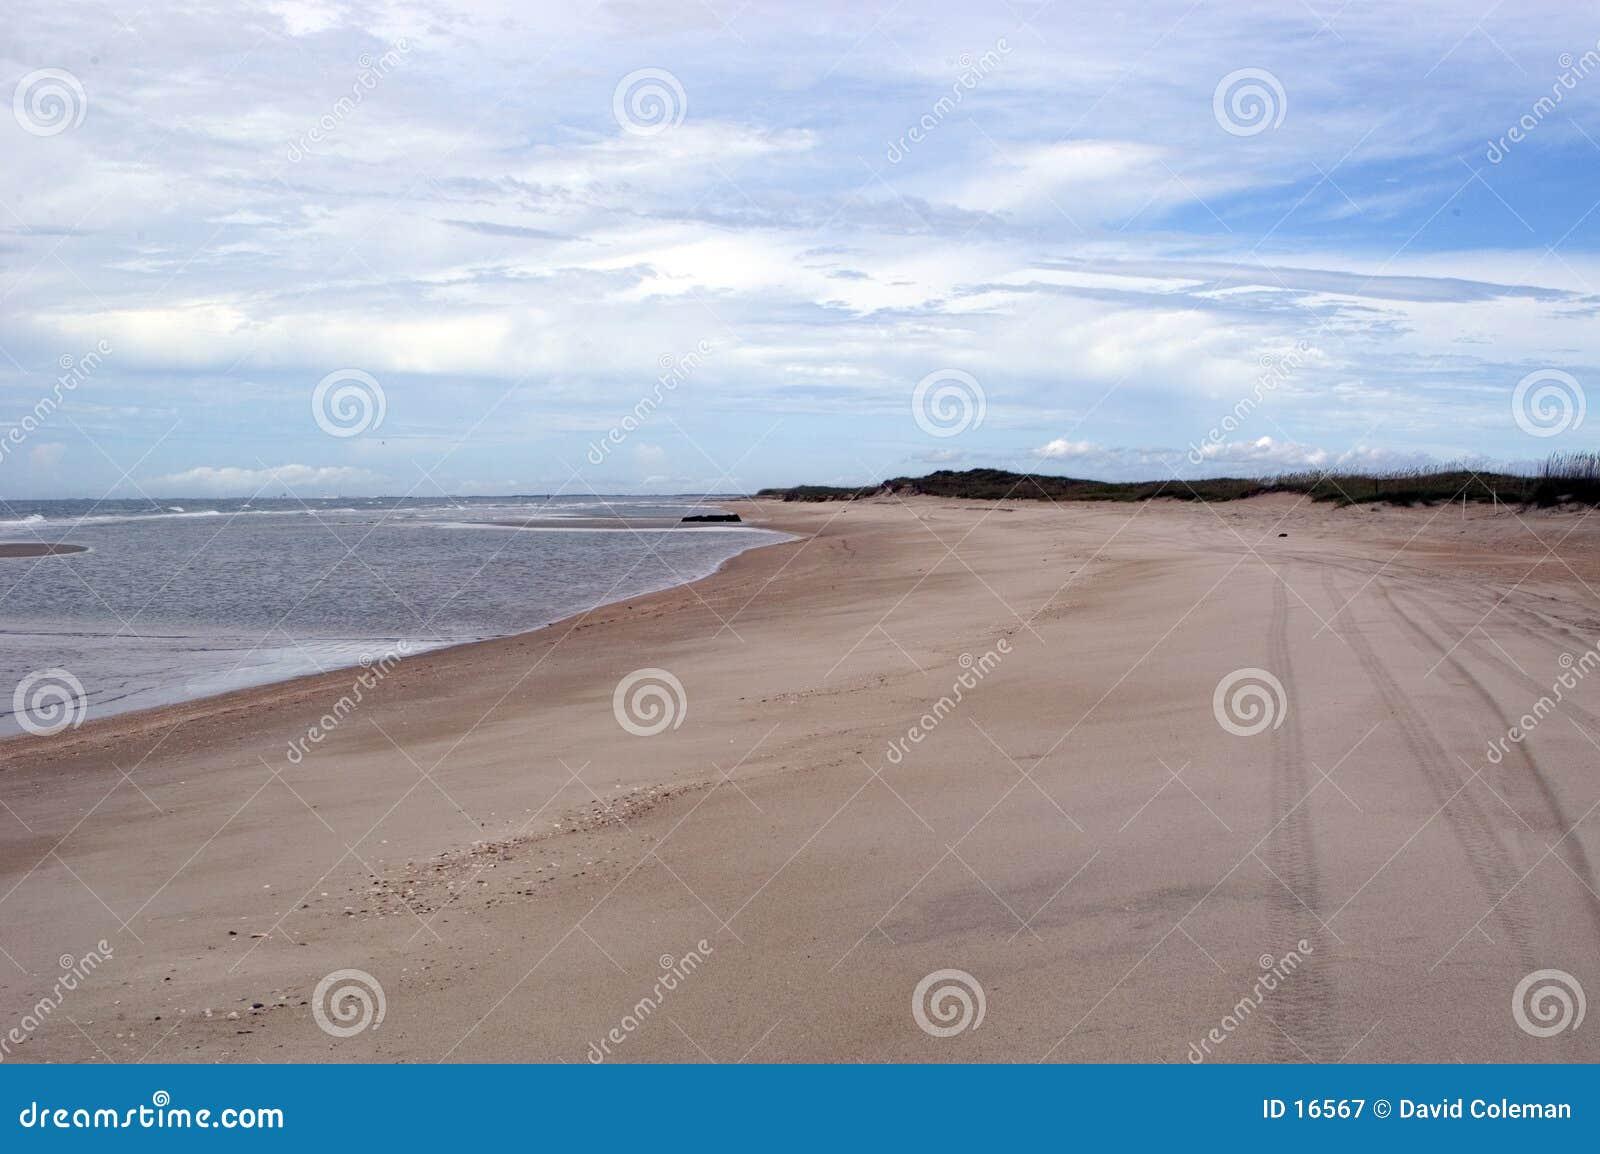 Strand-Ansicht mit Gummireifen-Spuren